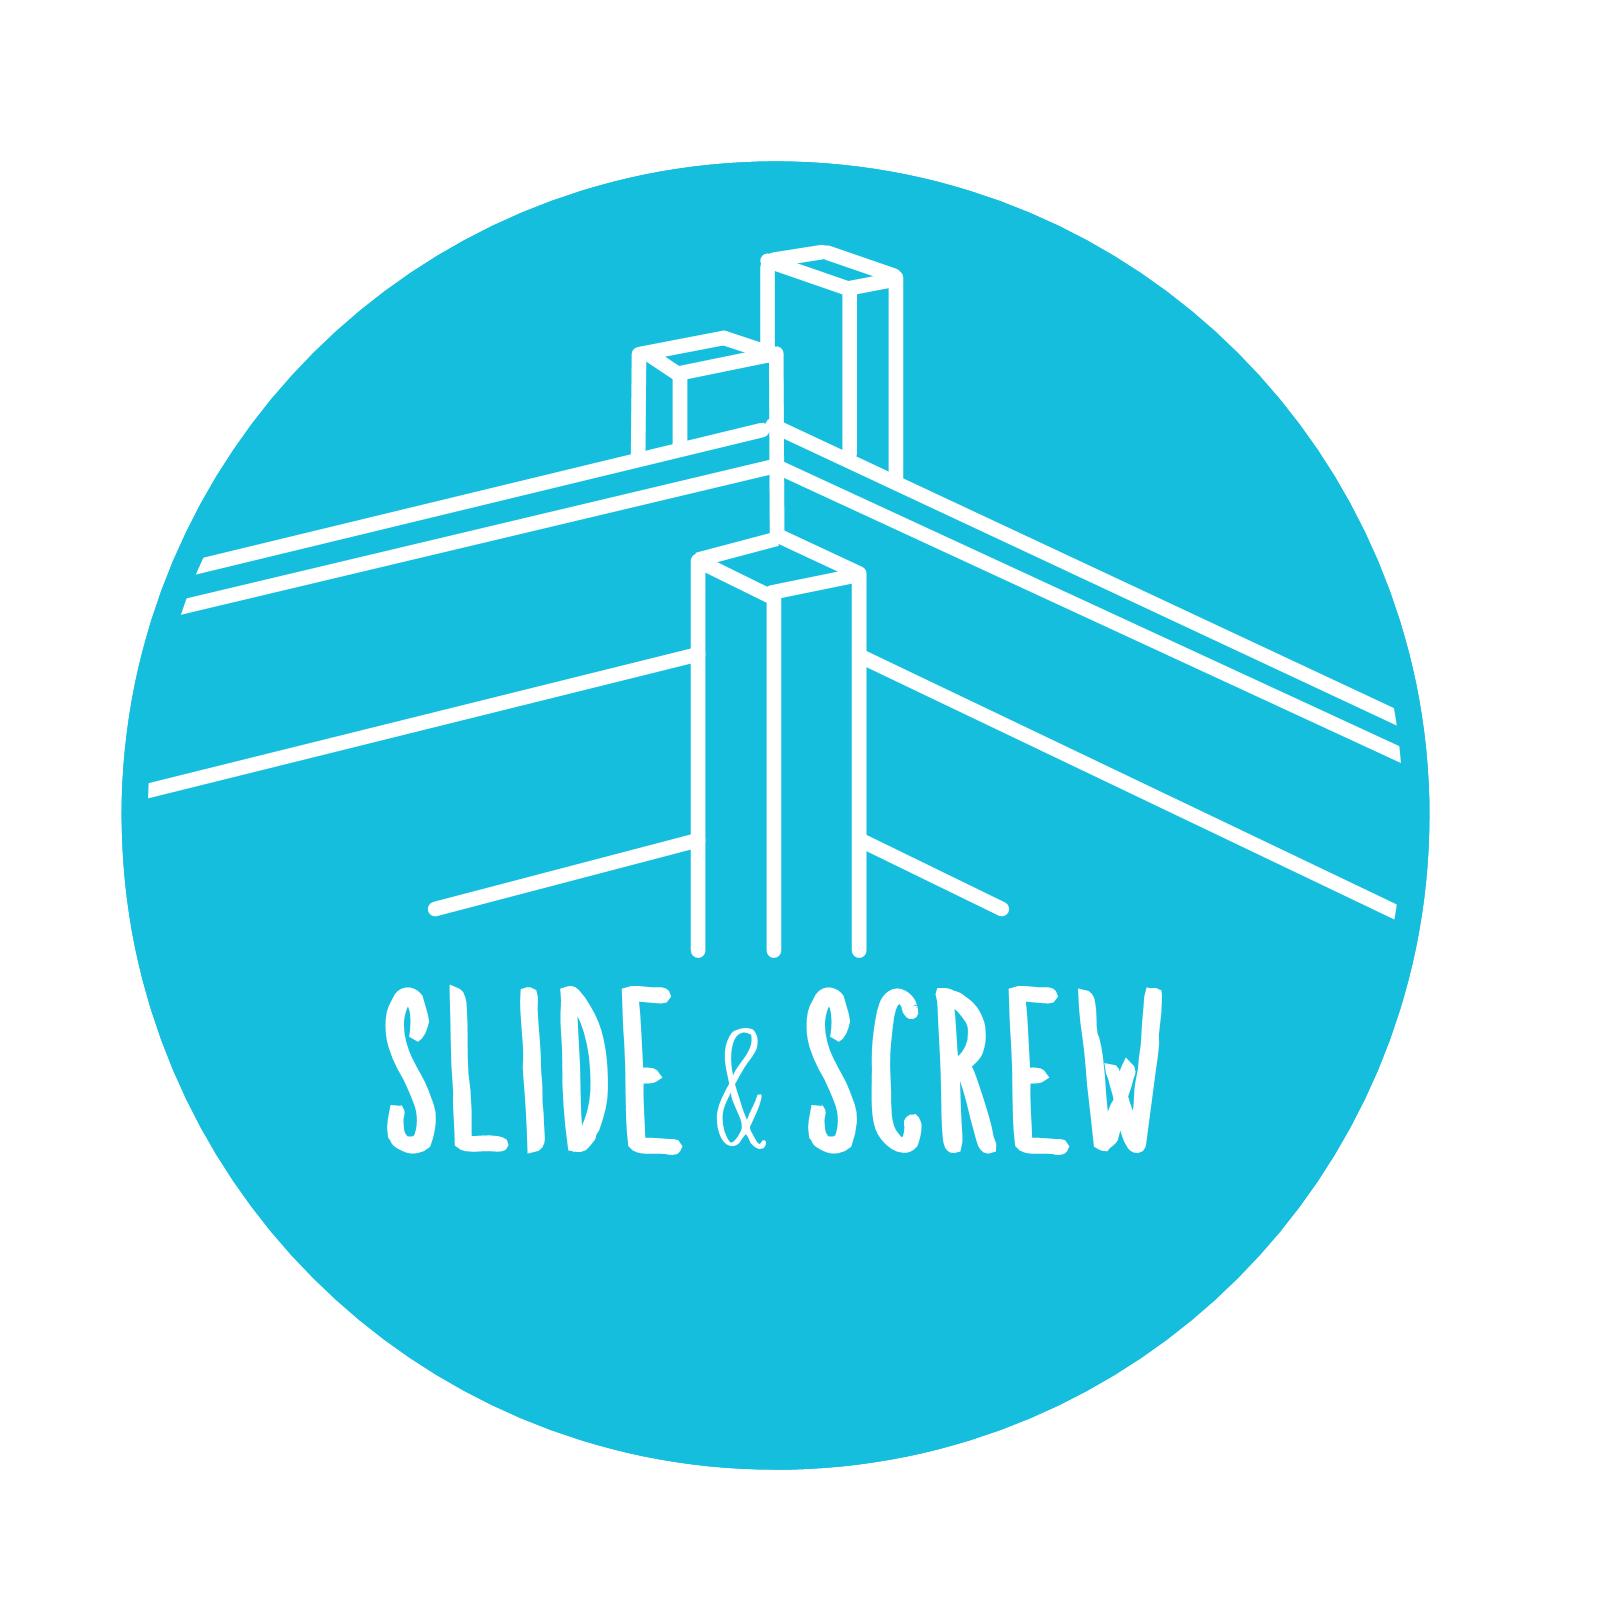 slide&screw 16 mm